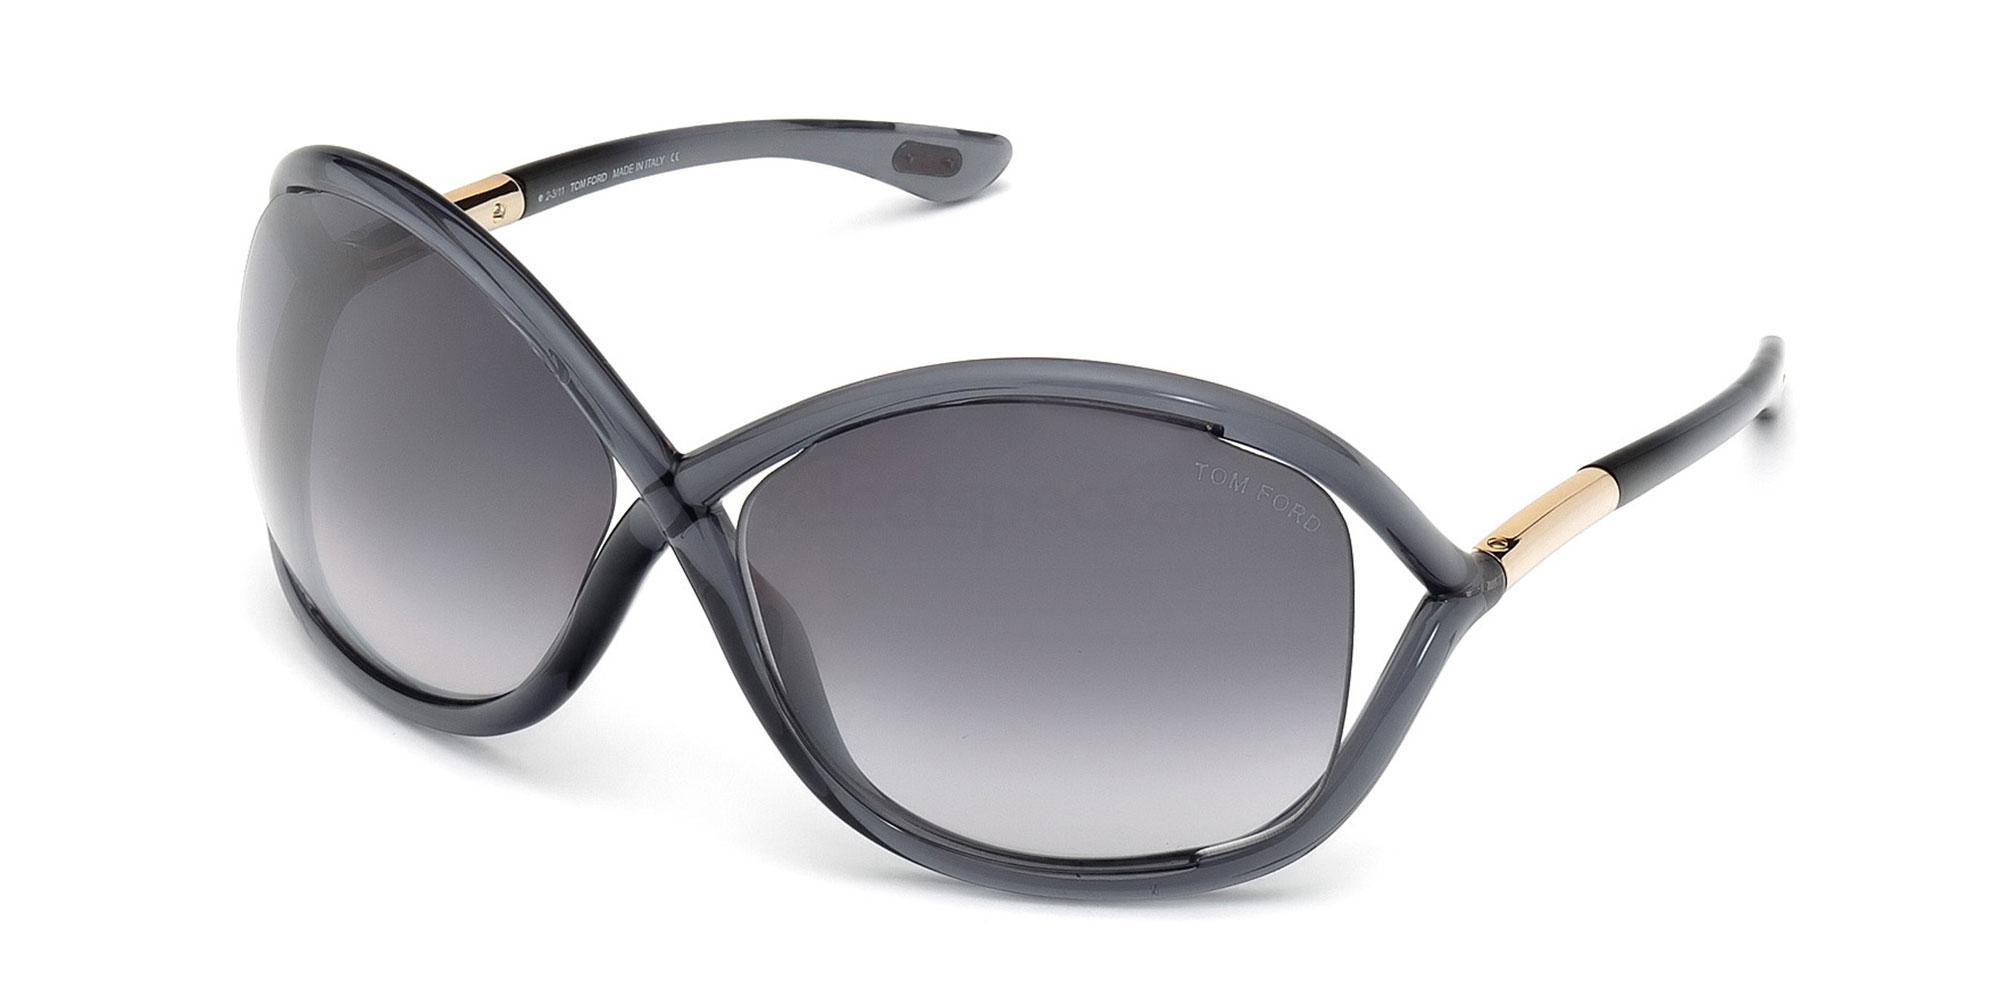 0B5 FT0009 Whitney (1/2) Sunglasses, Tom Ford